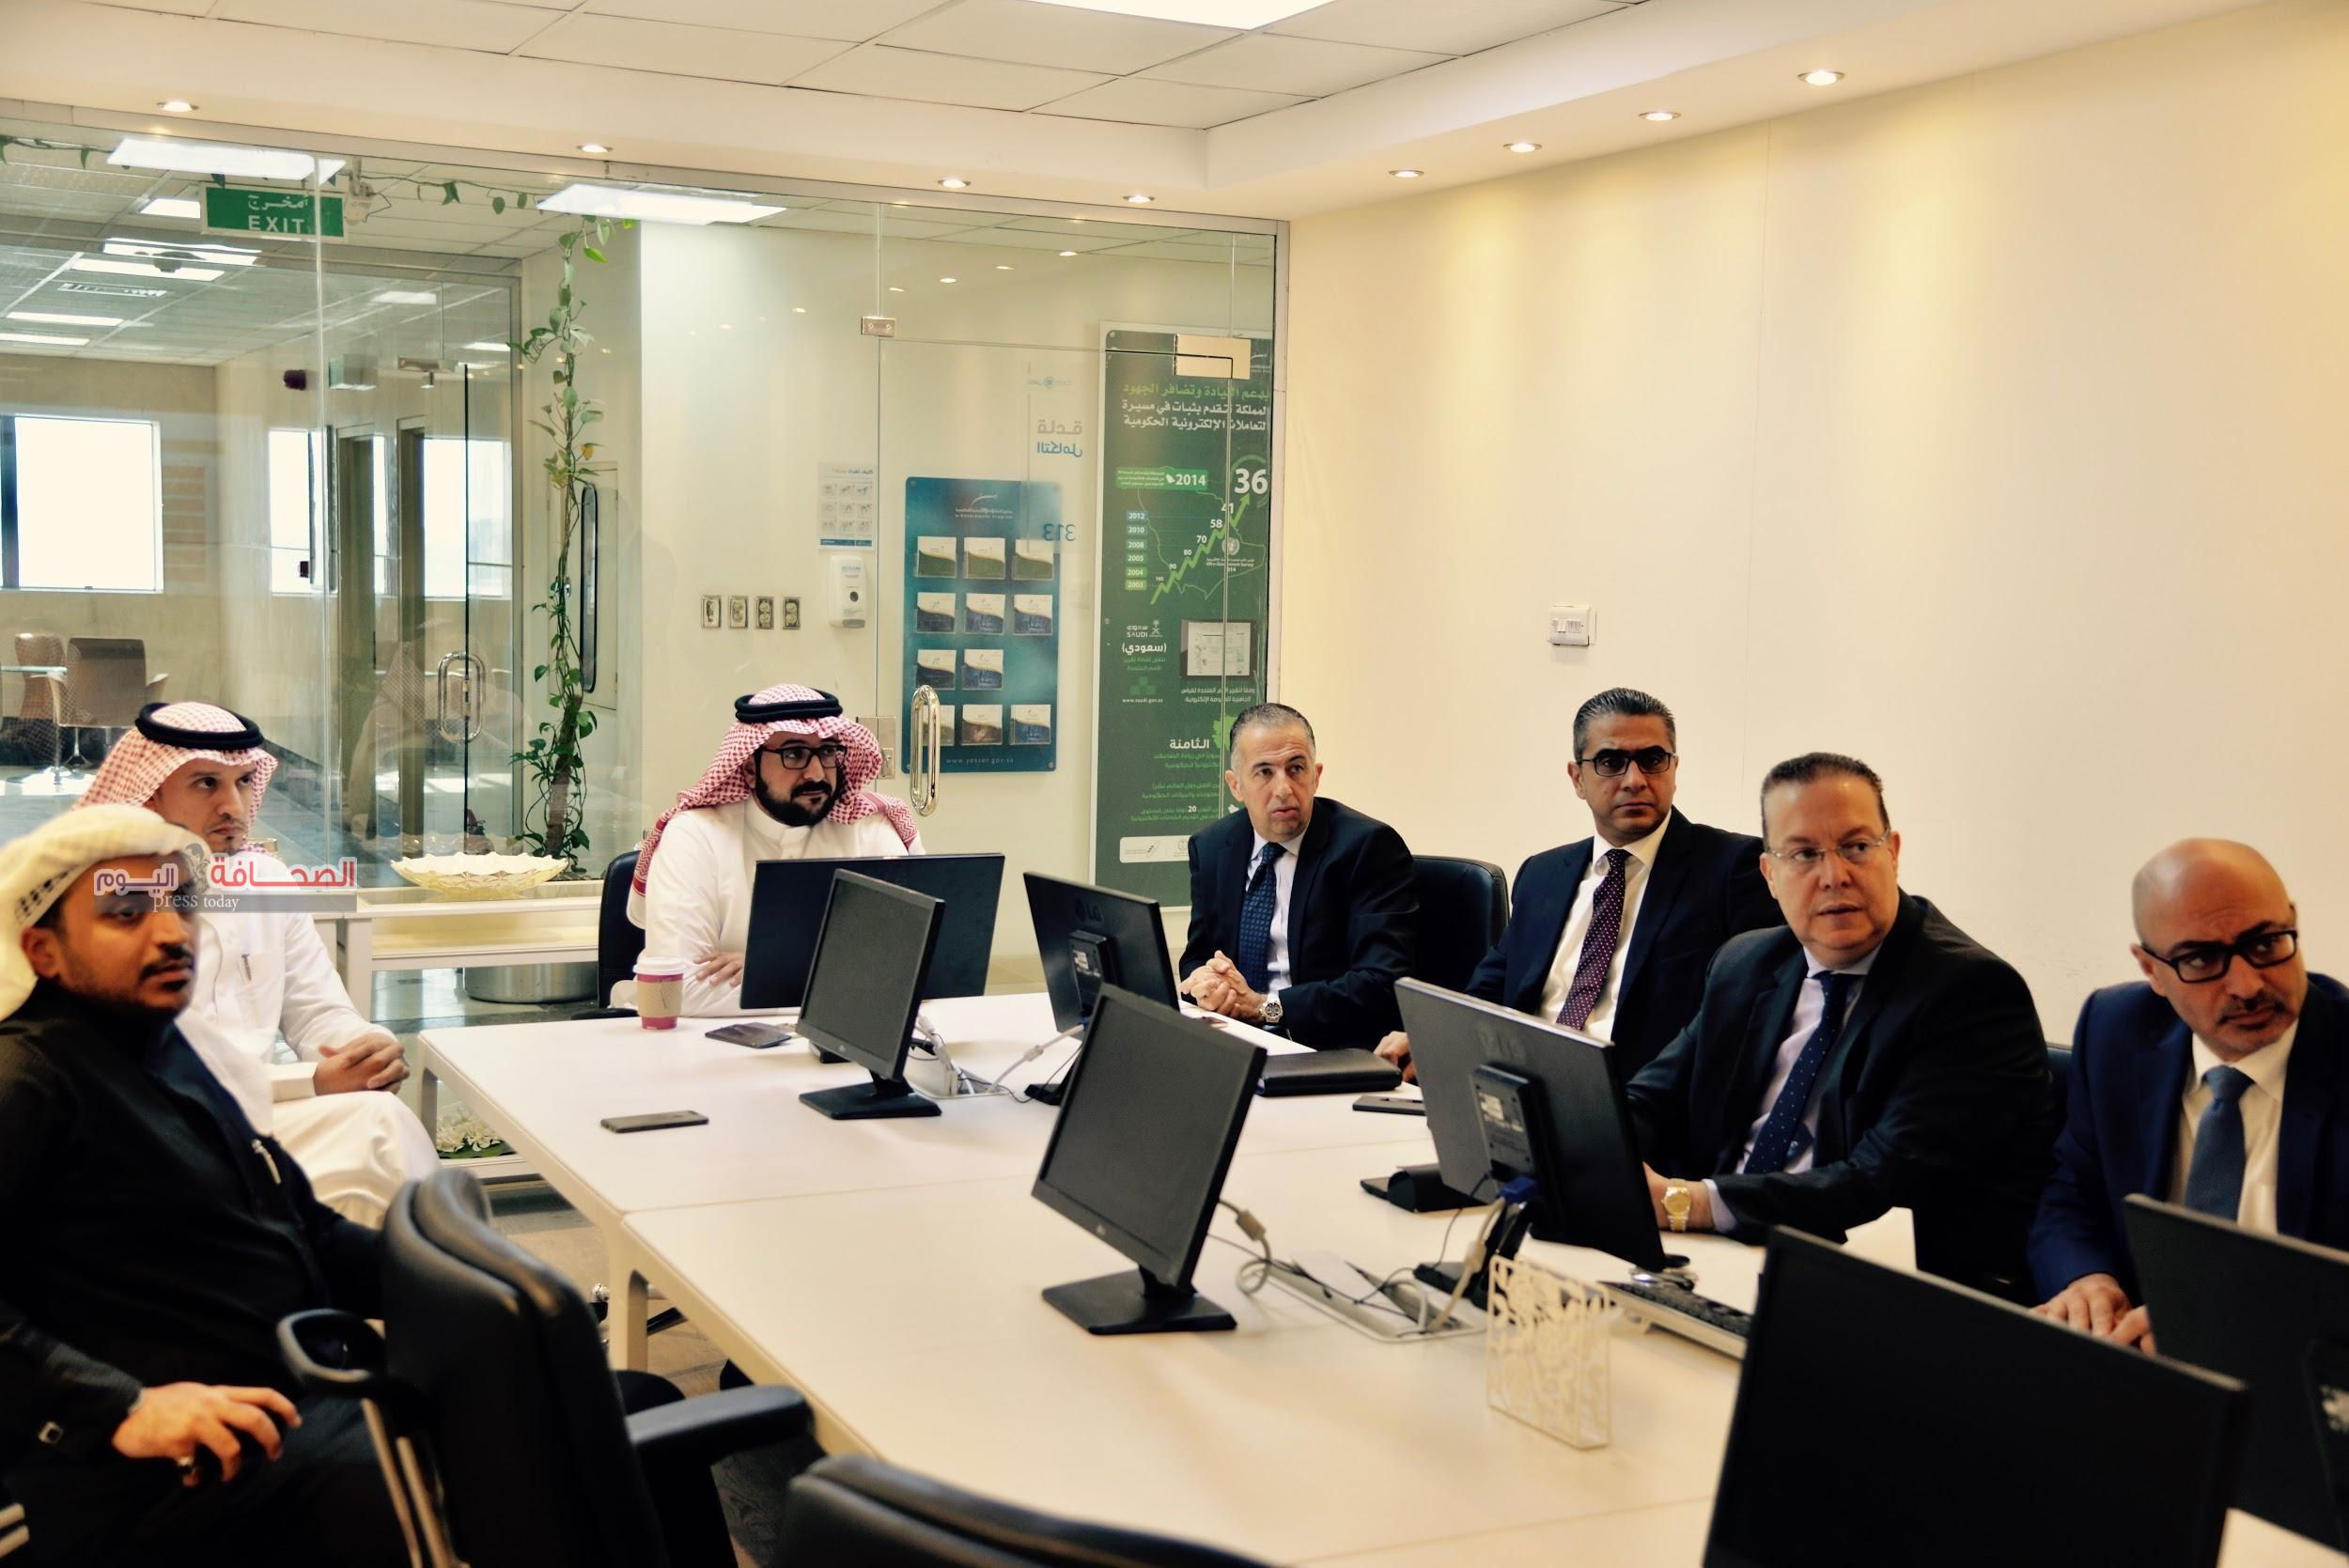 وزارة الاتصالات السعودية تطلق مشروع تطوير وتشغيل نظام البنية المؤسسية الوطنية (NEA Repository System)